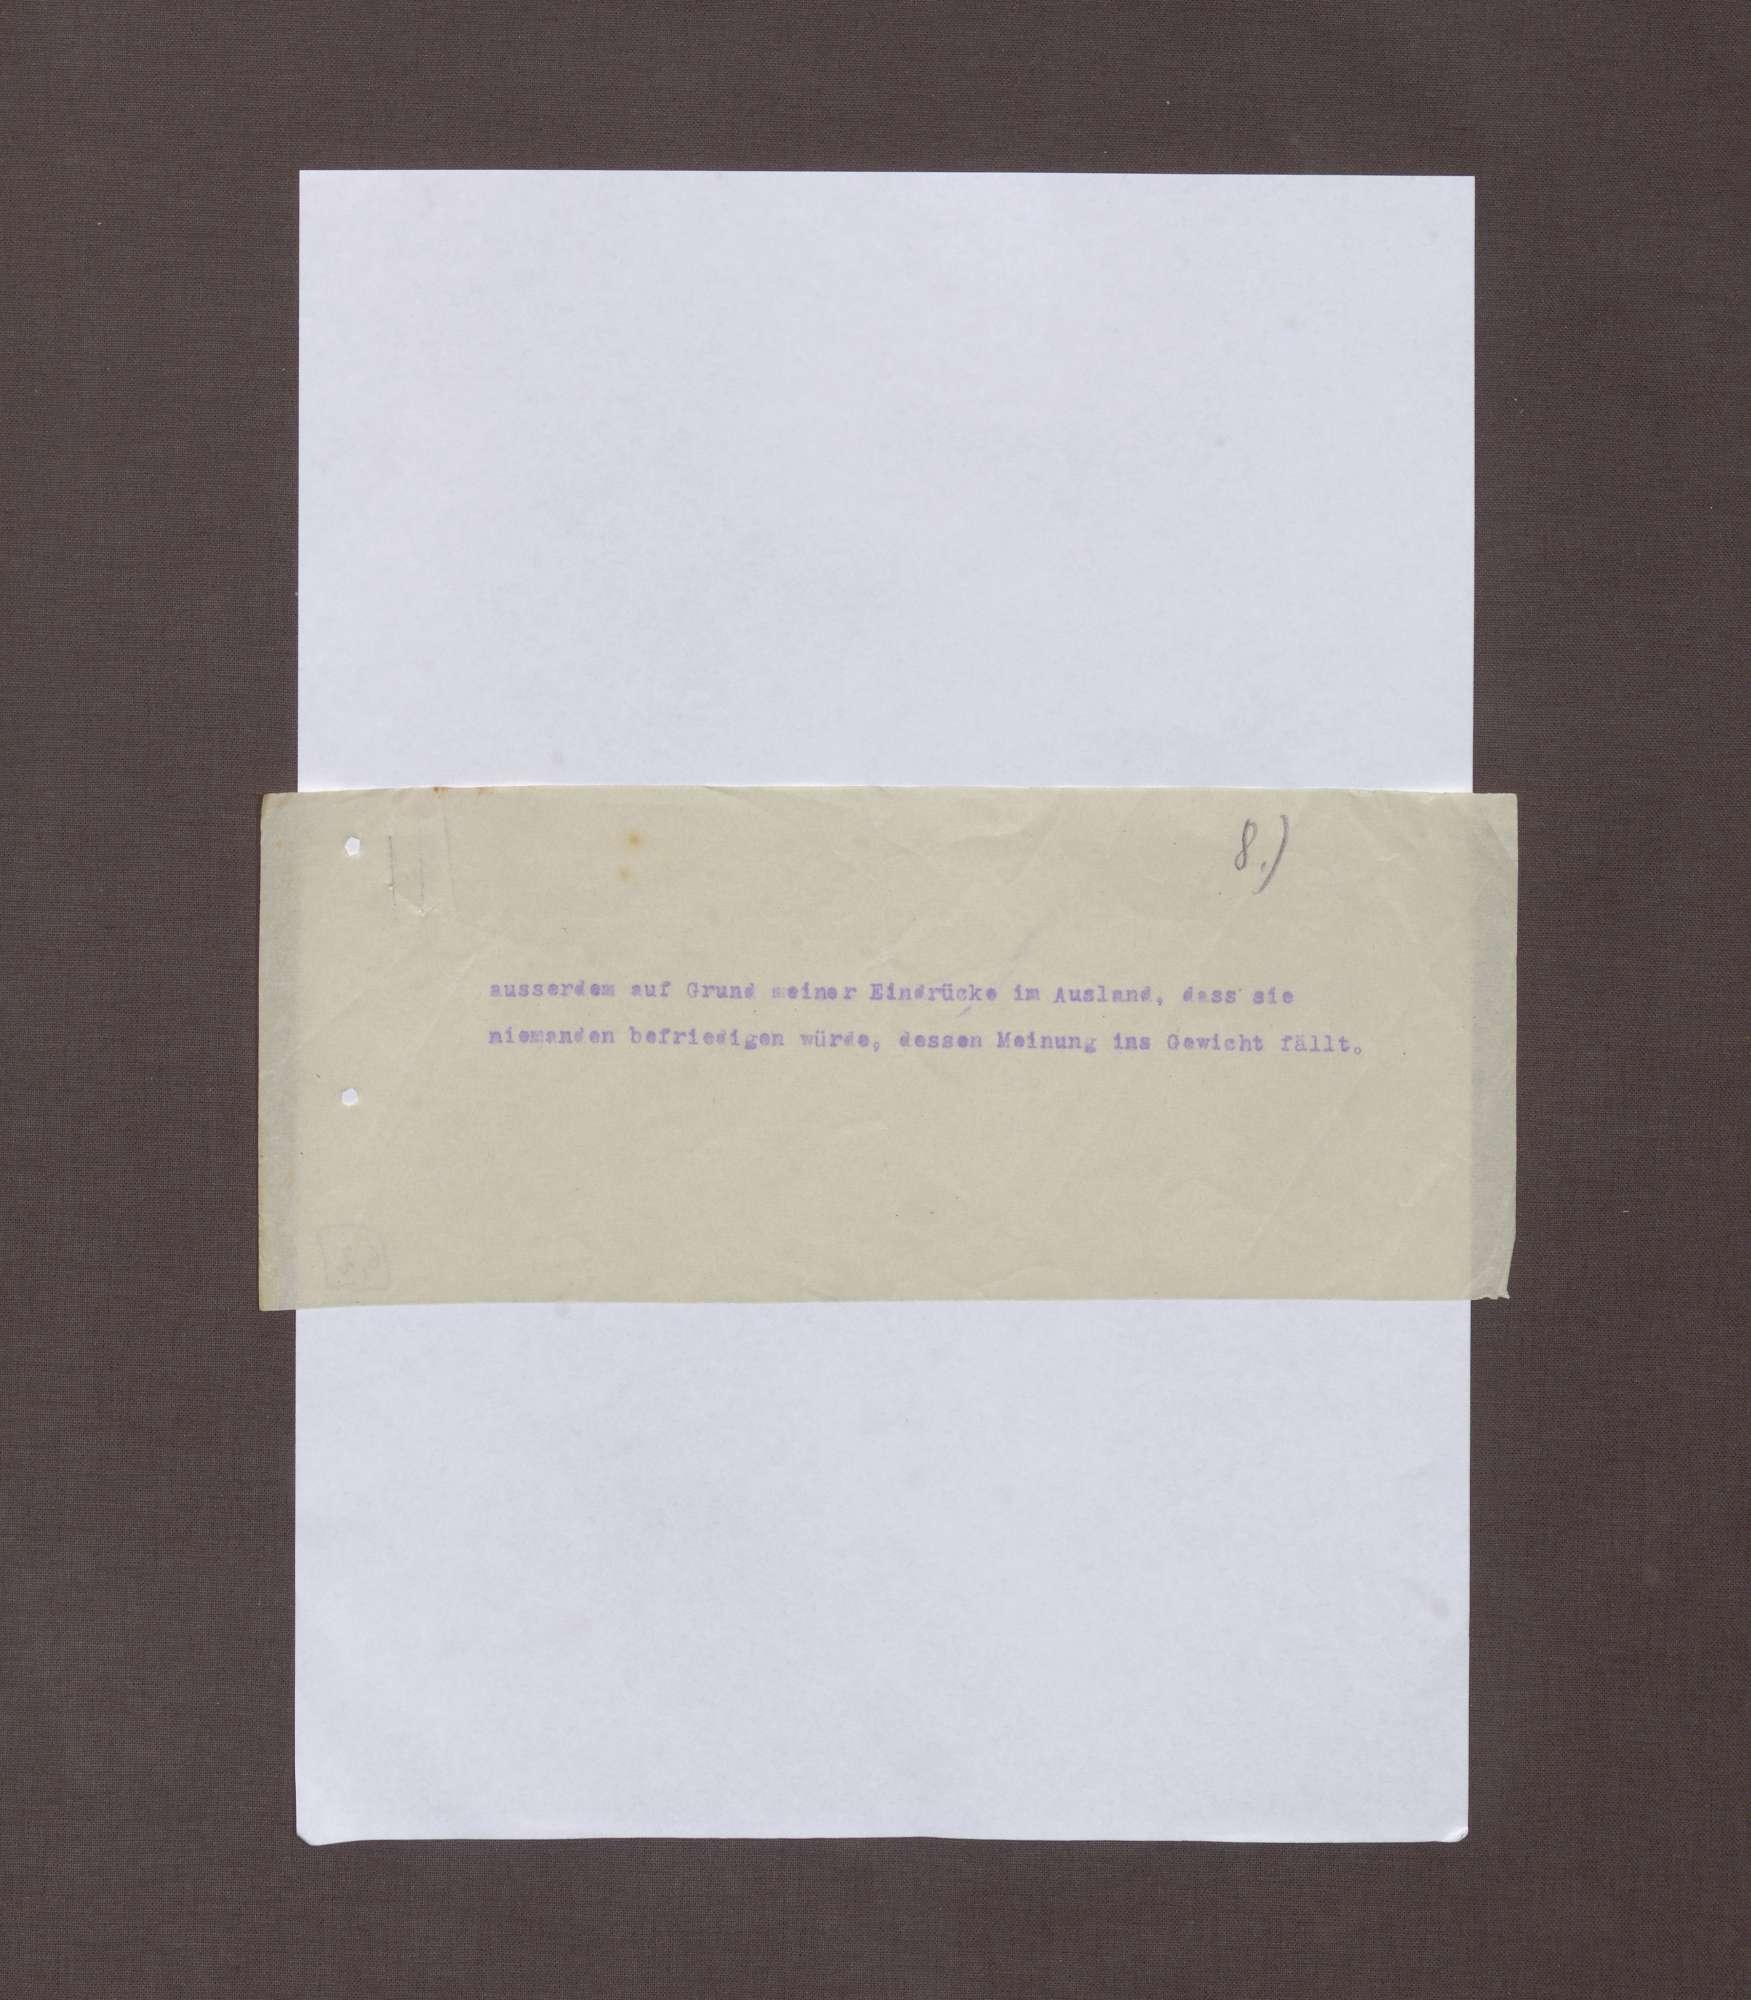 Schreiben von Albrecht Mendelssohn-Bartholdy bzgl. eines Briefs Max Webers an die Redaktion der Frankfurter Zeitung, Bild 3